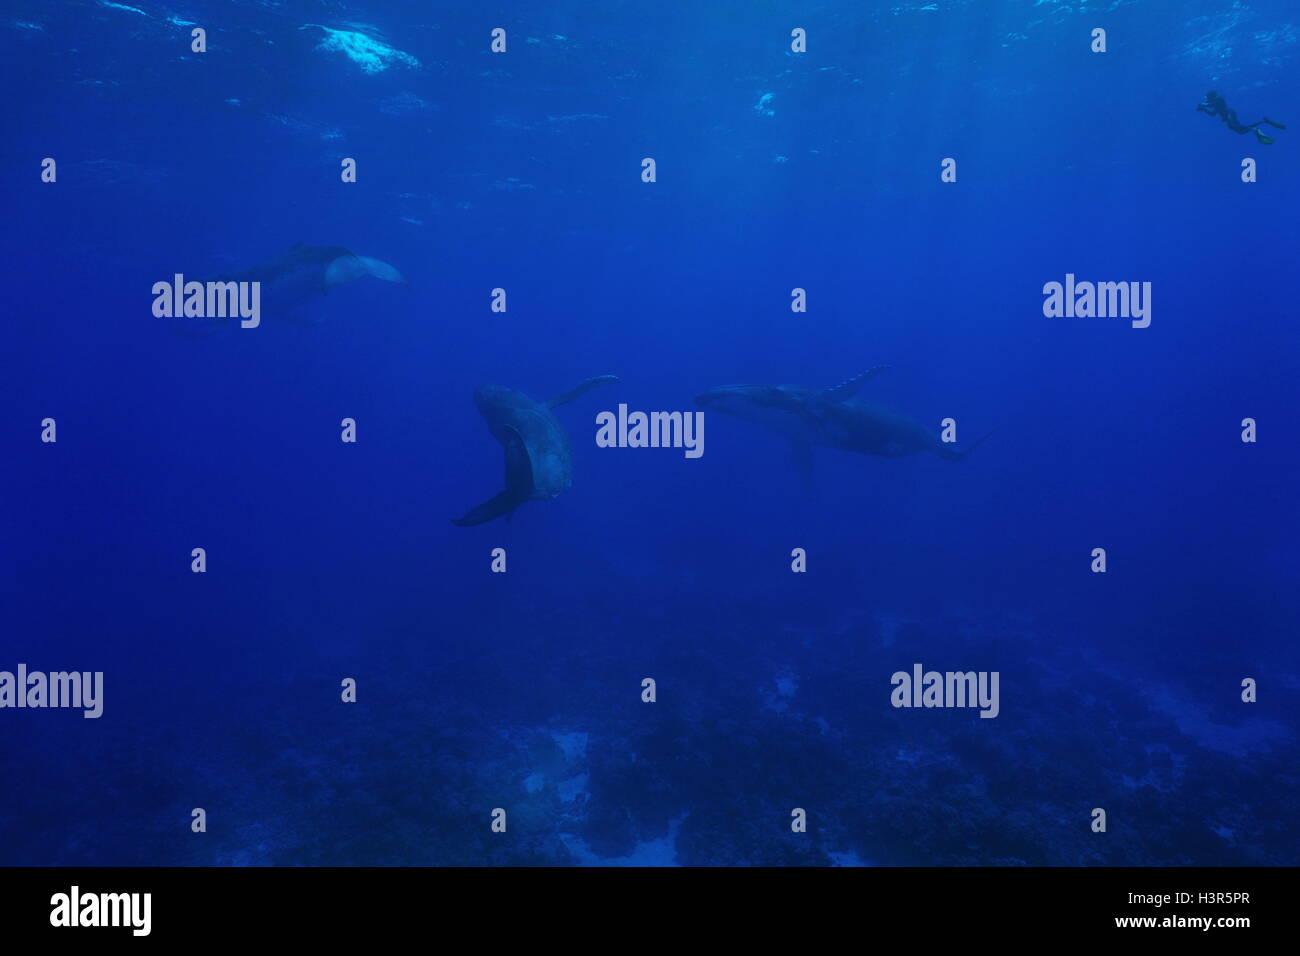 Tres ballena jorobada, Megaptera novaeangliae, submarino en el océano Pacífico con un buceador viendo, isla de Rurutu, Austral Foto de stock